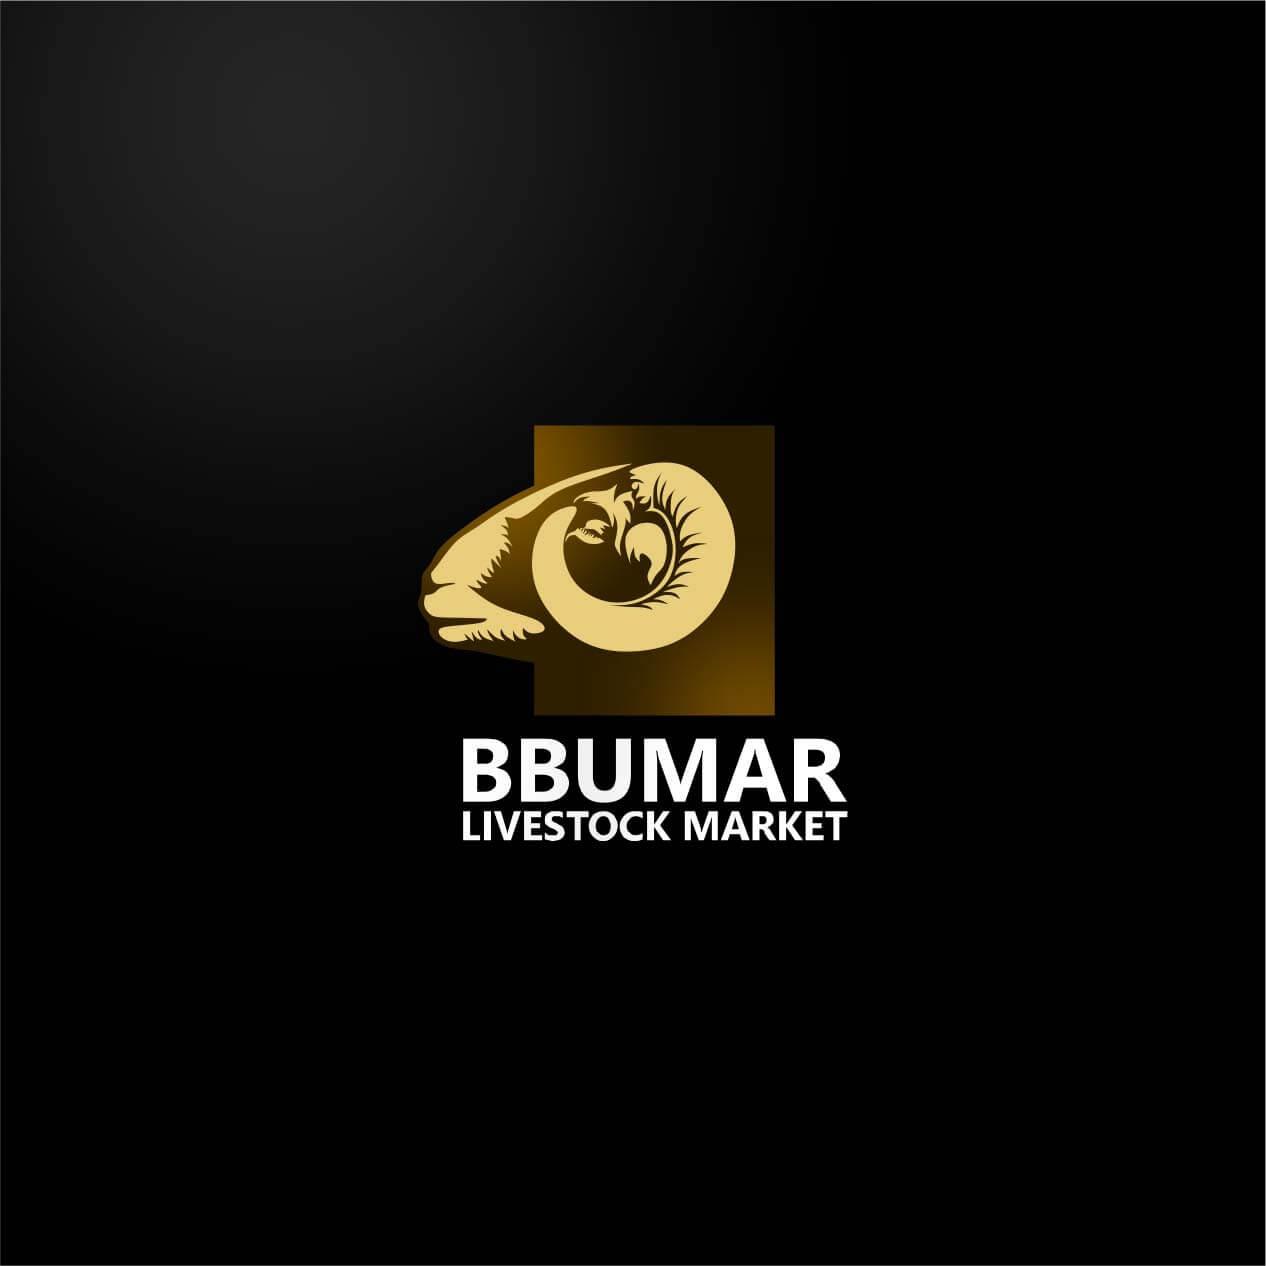 BBUMAR - Logo Design For A Livestock Market